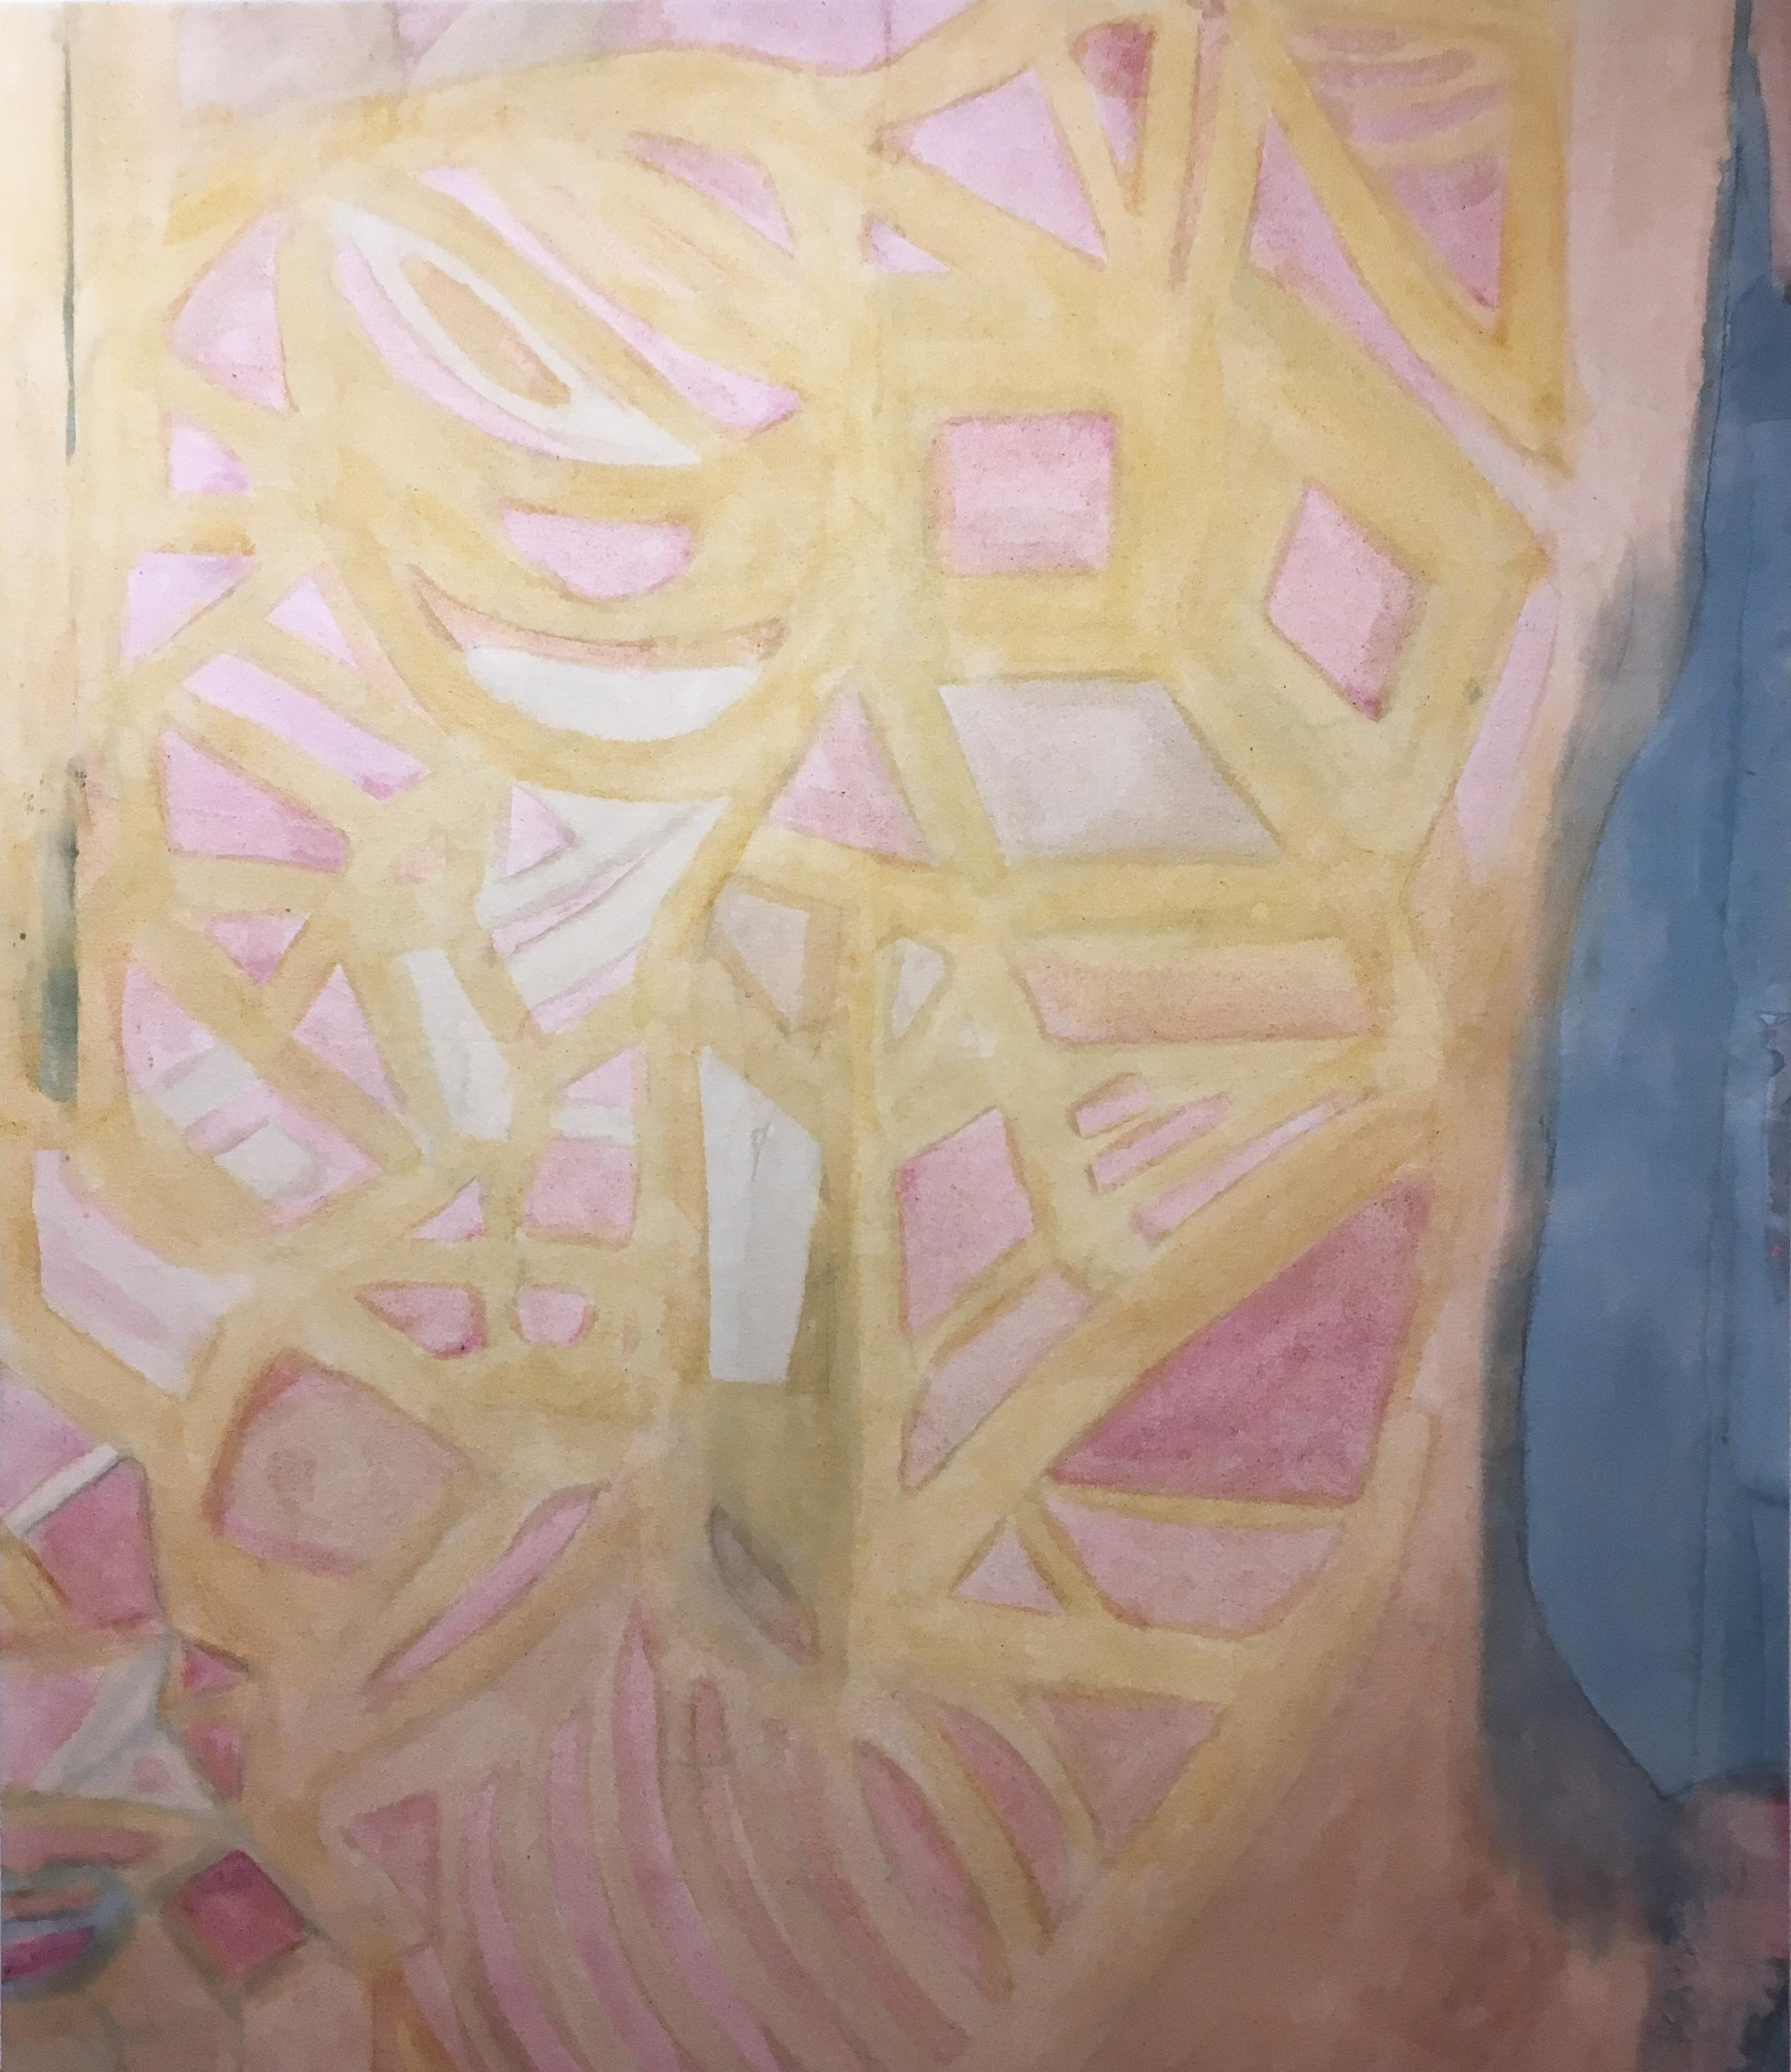 Coração Aberto (Heart Opened), 2020, natural hand-dyed canvas, avocado, tumeric